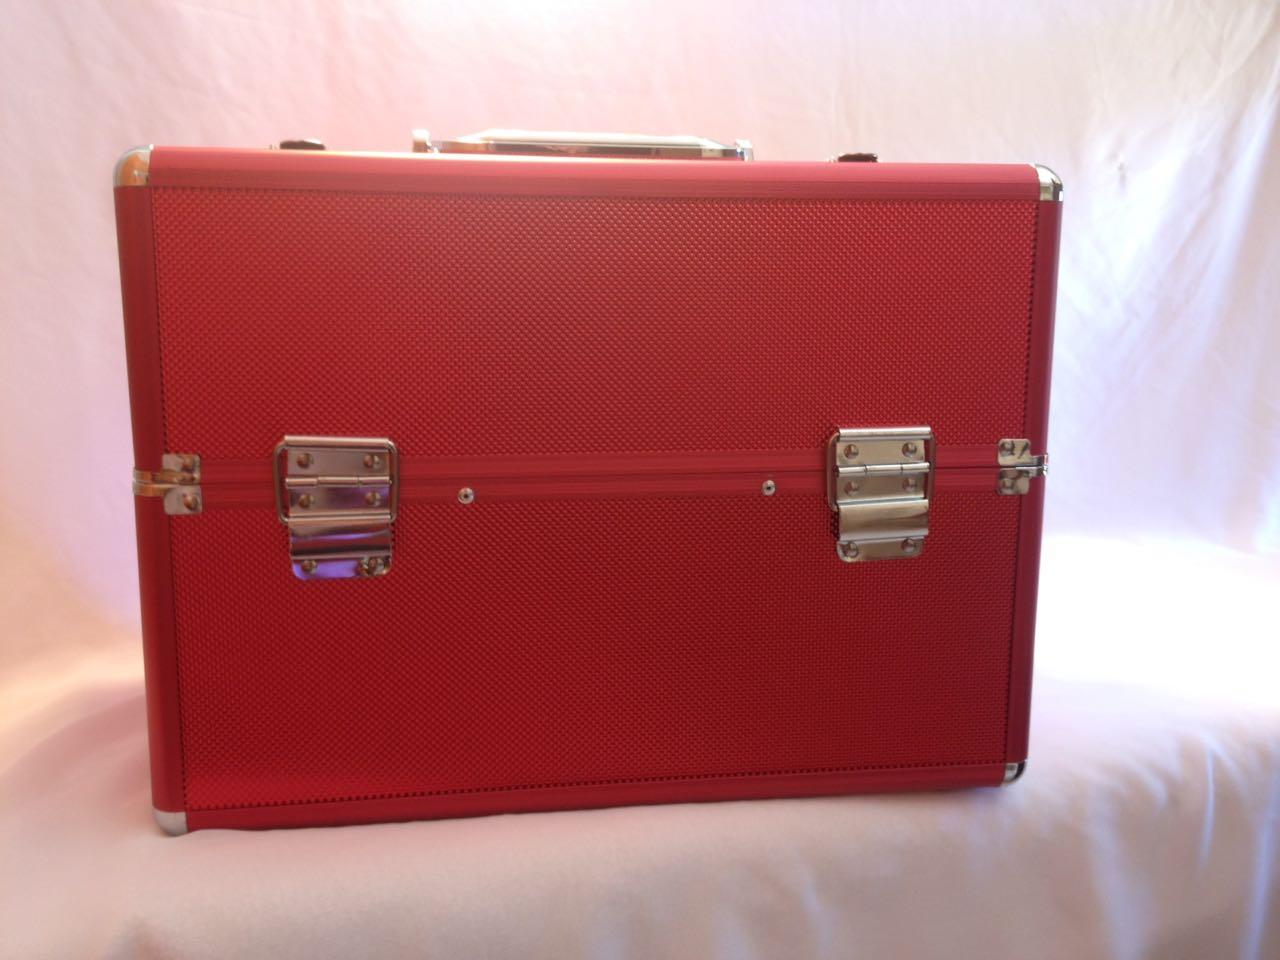 Maleta RY-2011 para Maquiagem e Assessorios